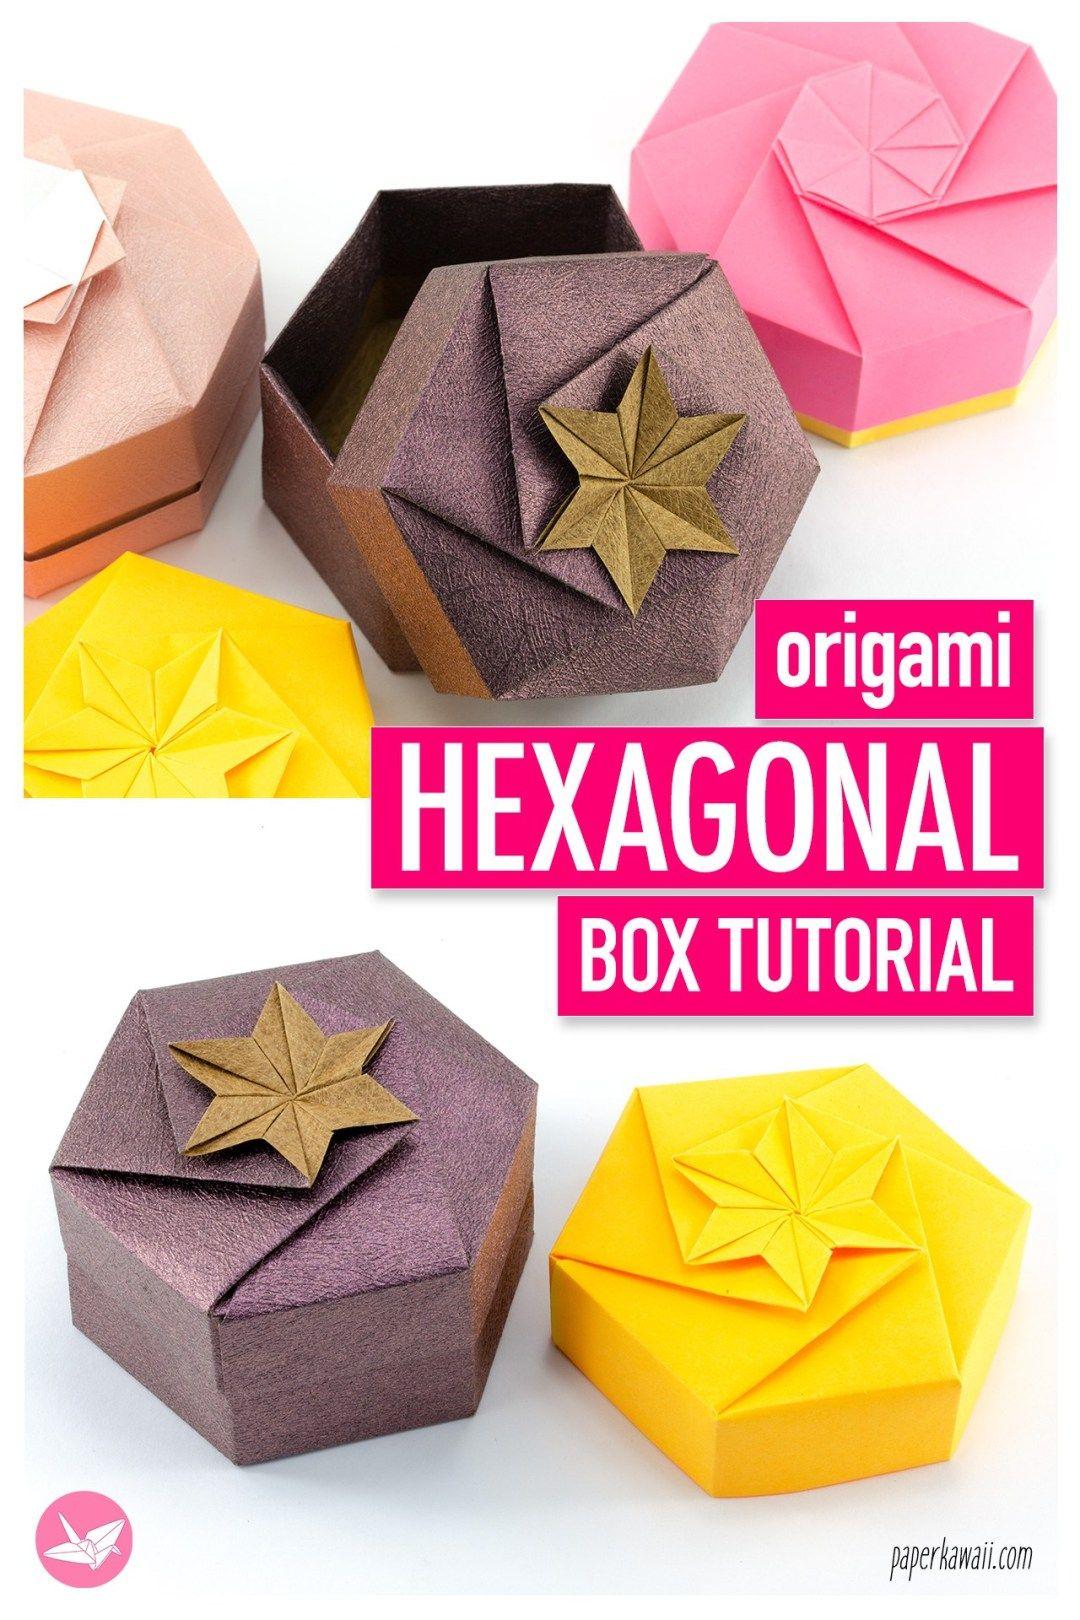 dollar bill hexagonal boxes | Money origami, Dollar bill origami ... | 1620x1080